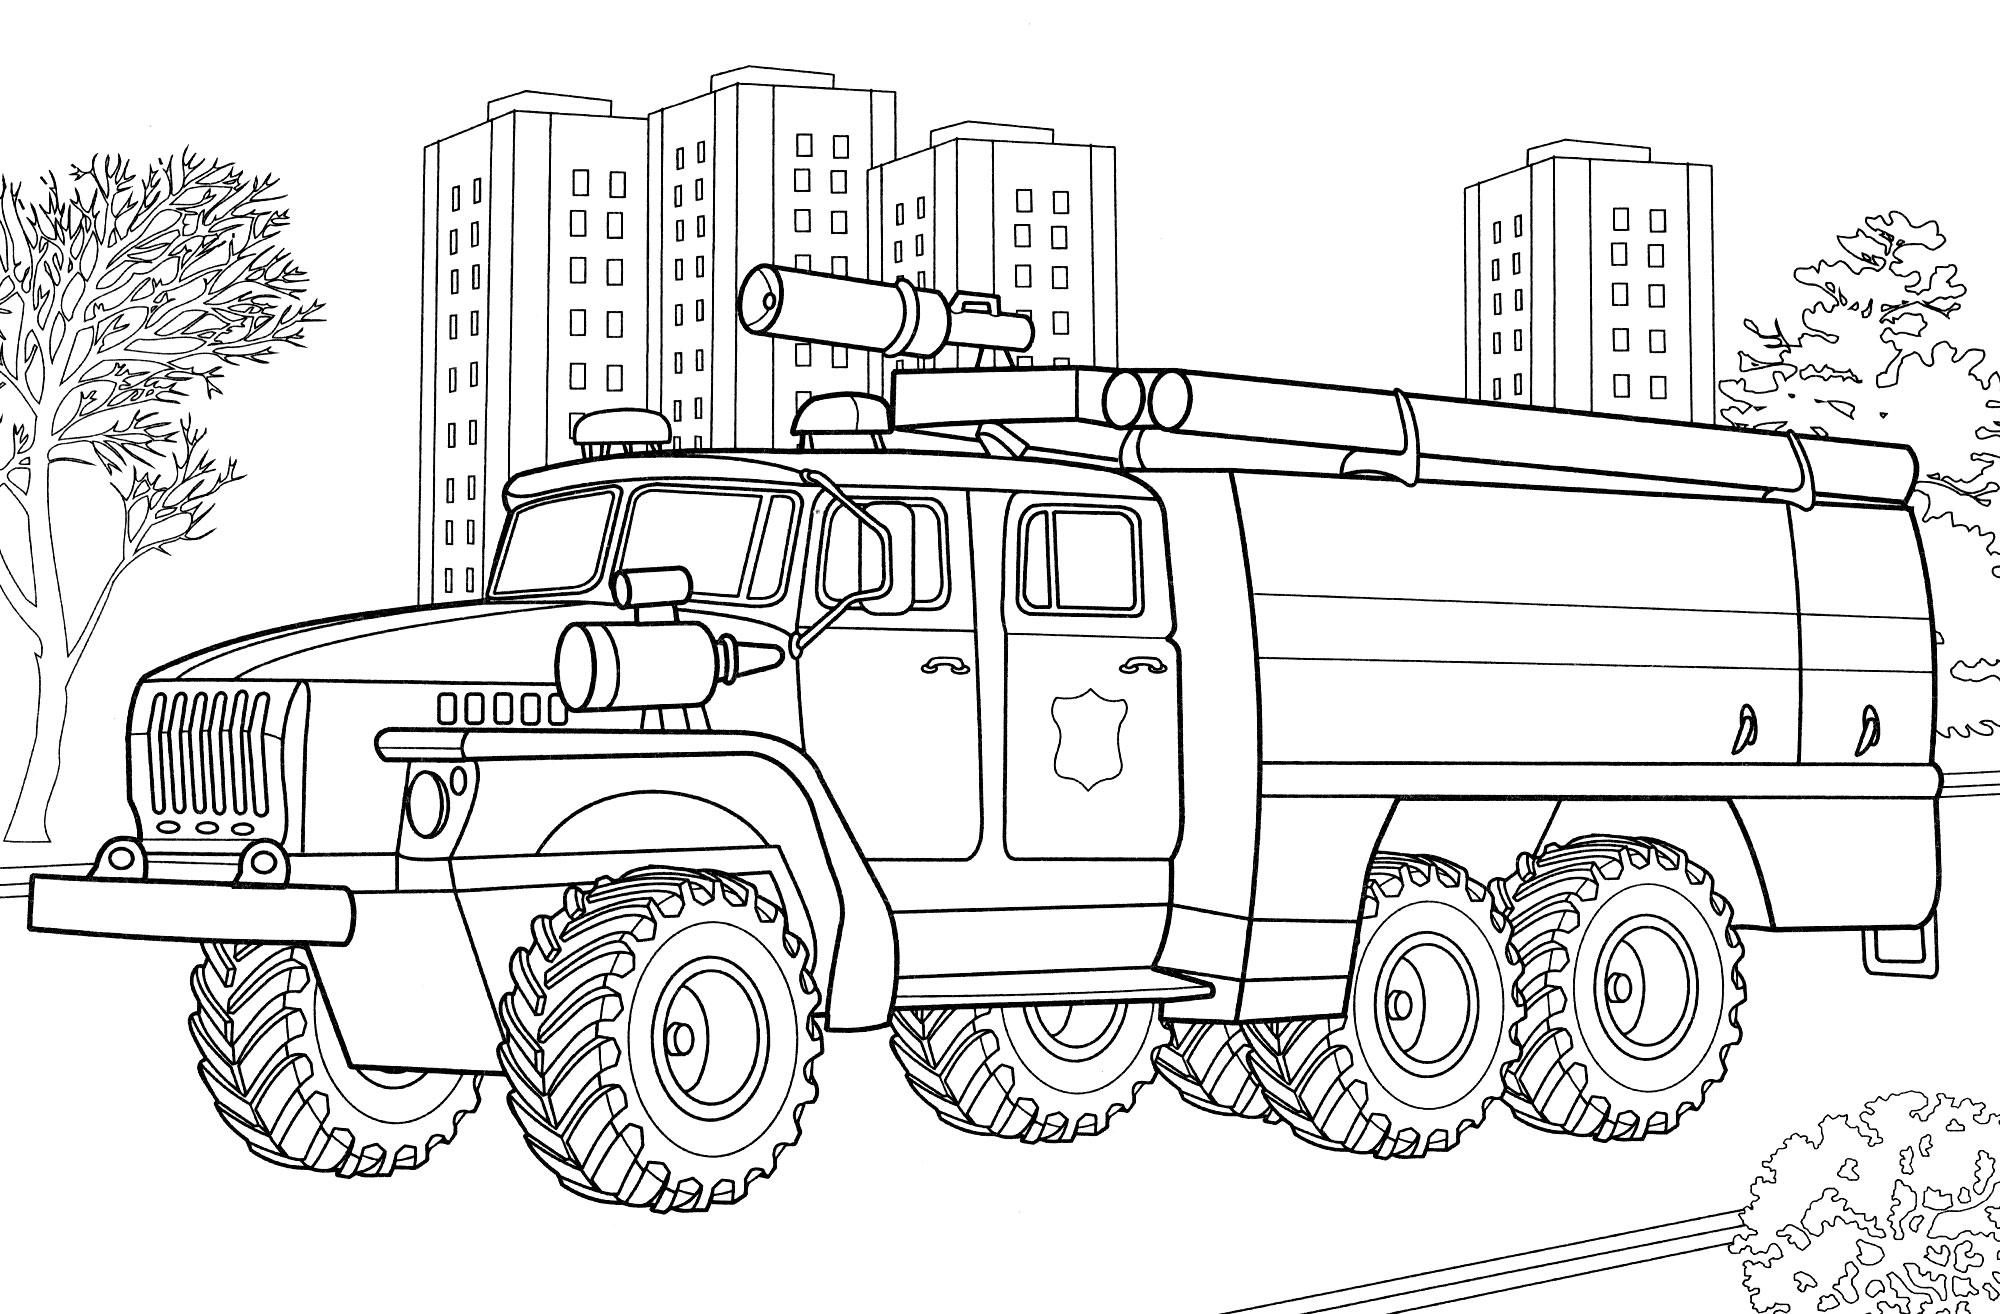 Раскраска Пожарная машина УРАЛ - распечатать бесплатно